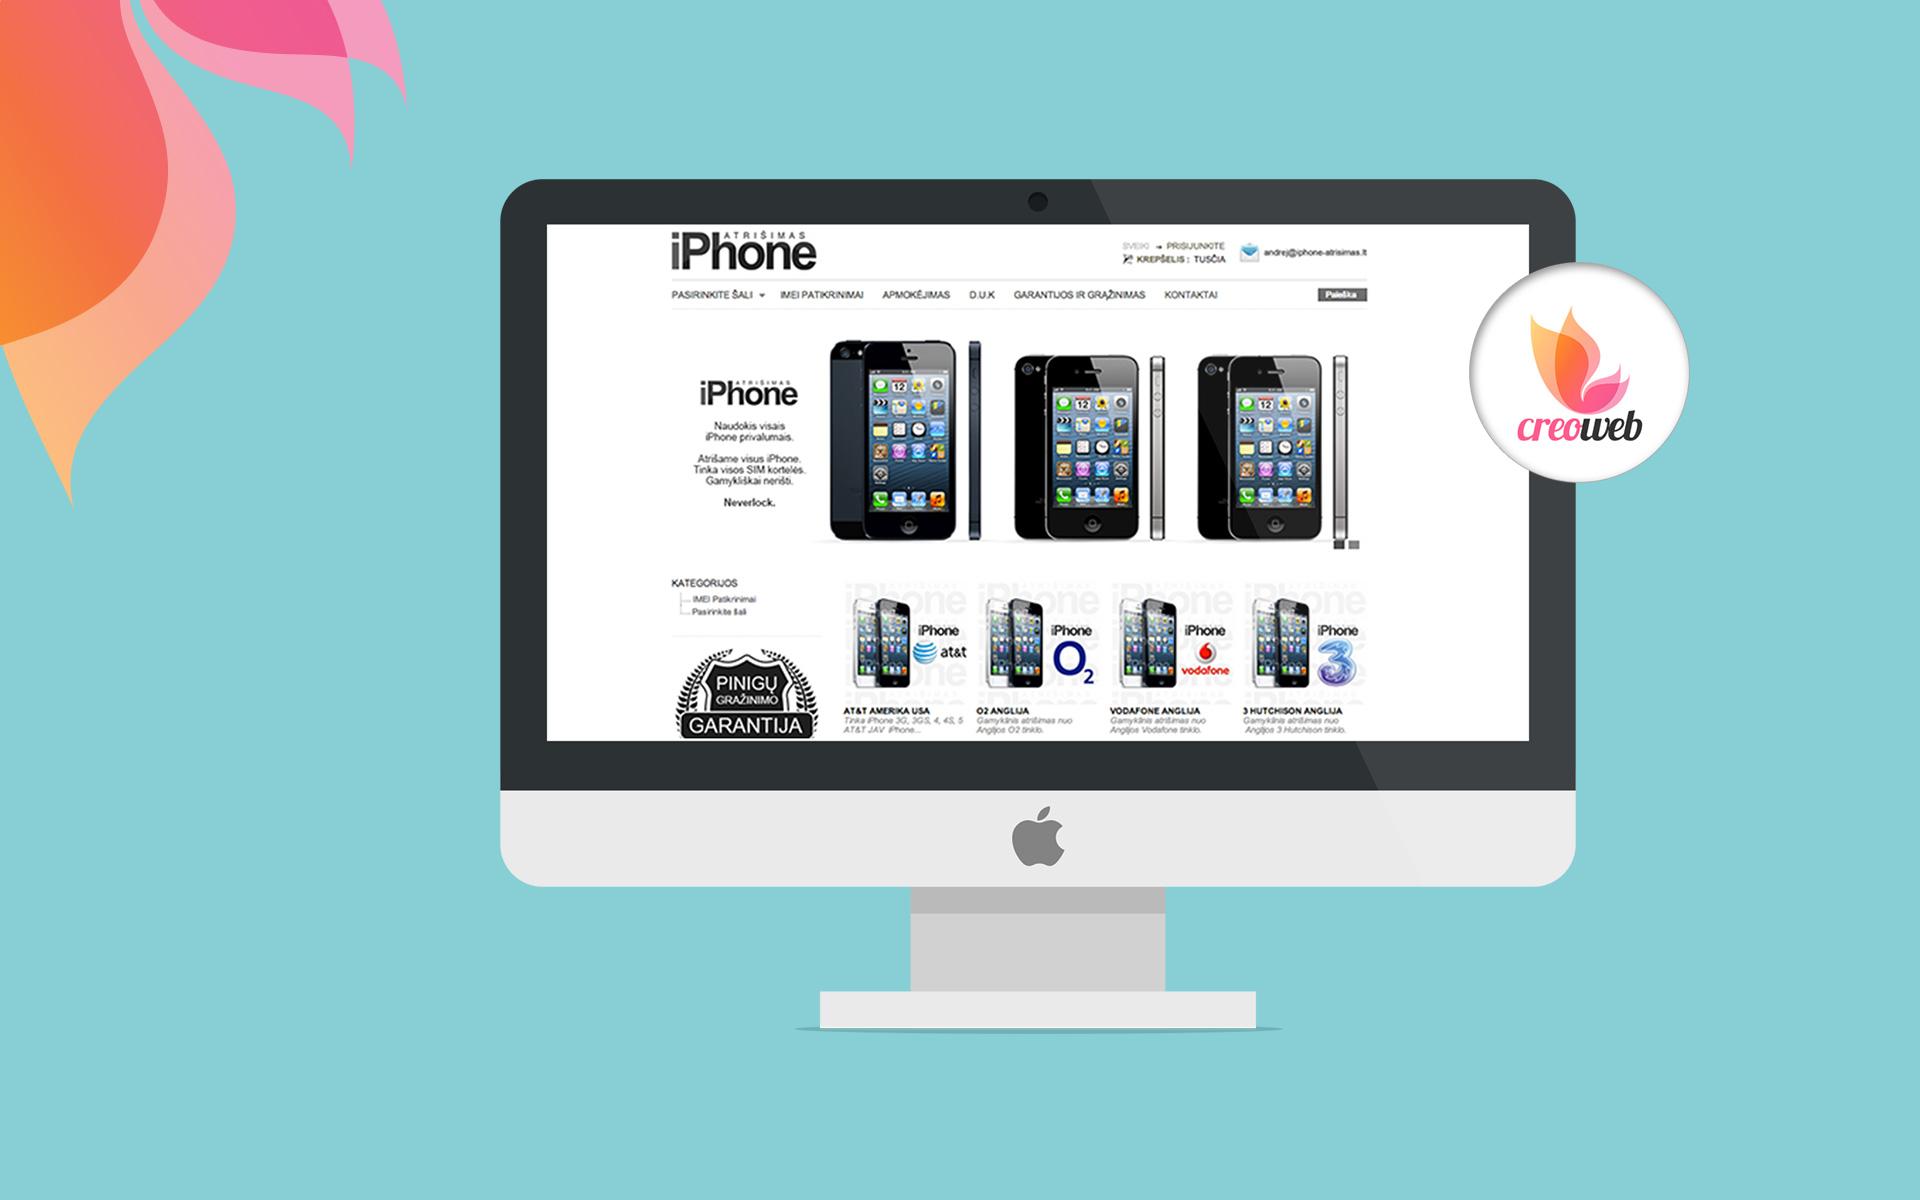 iPhone atrisimas